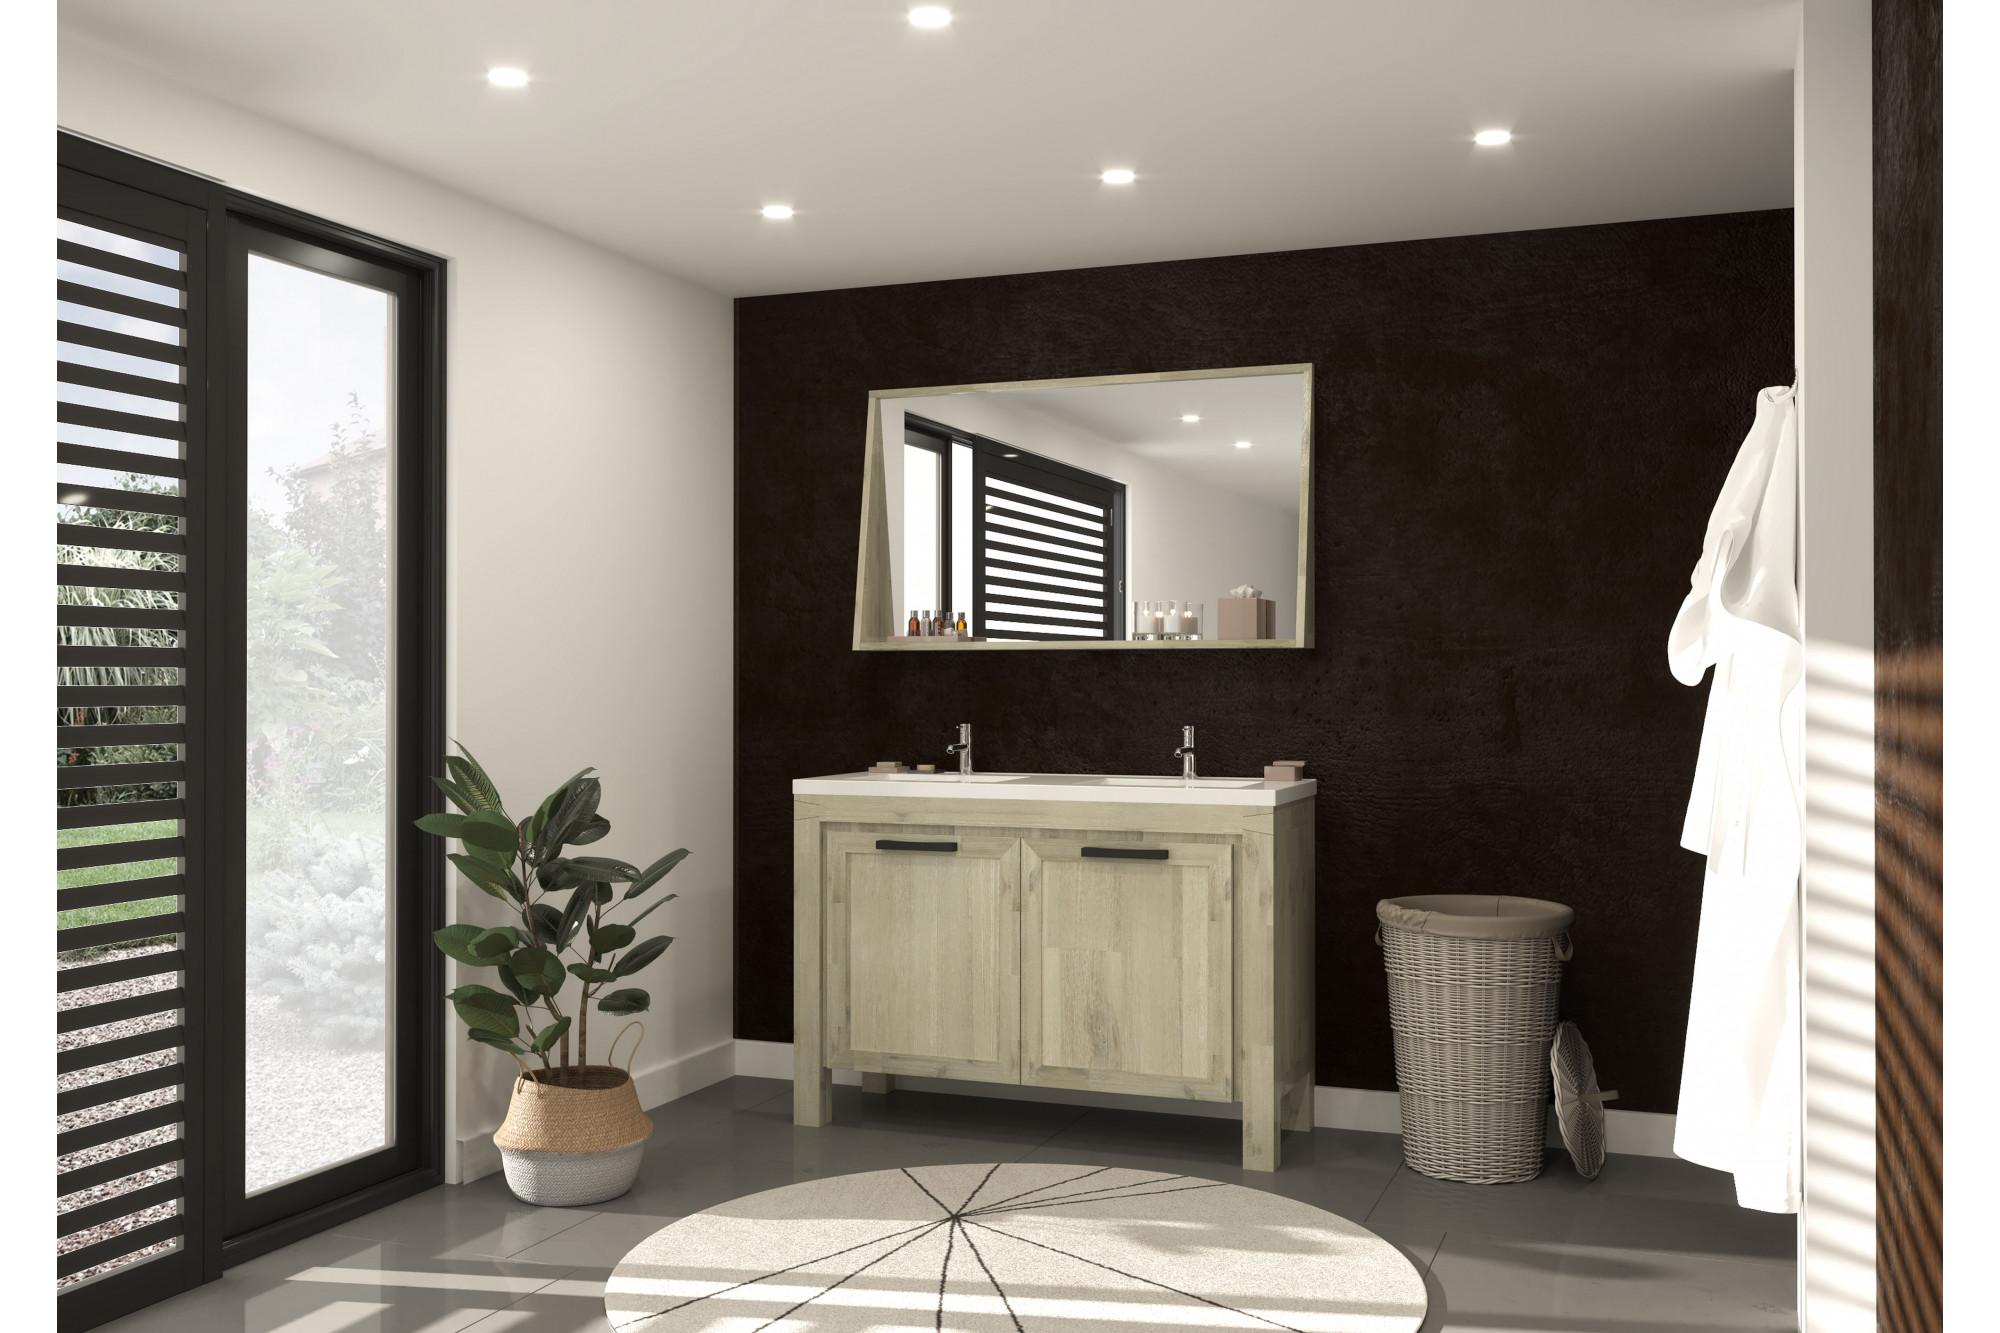 Salle De Bain Image meuble de salle de bain en bois massif de 120 cm avec double vasque et  miroir - hellin